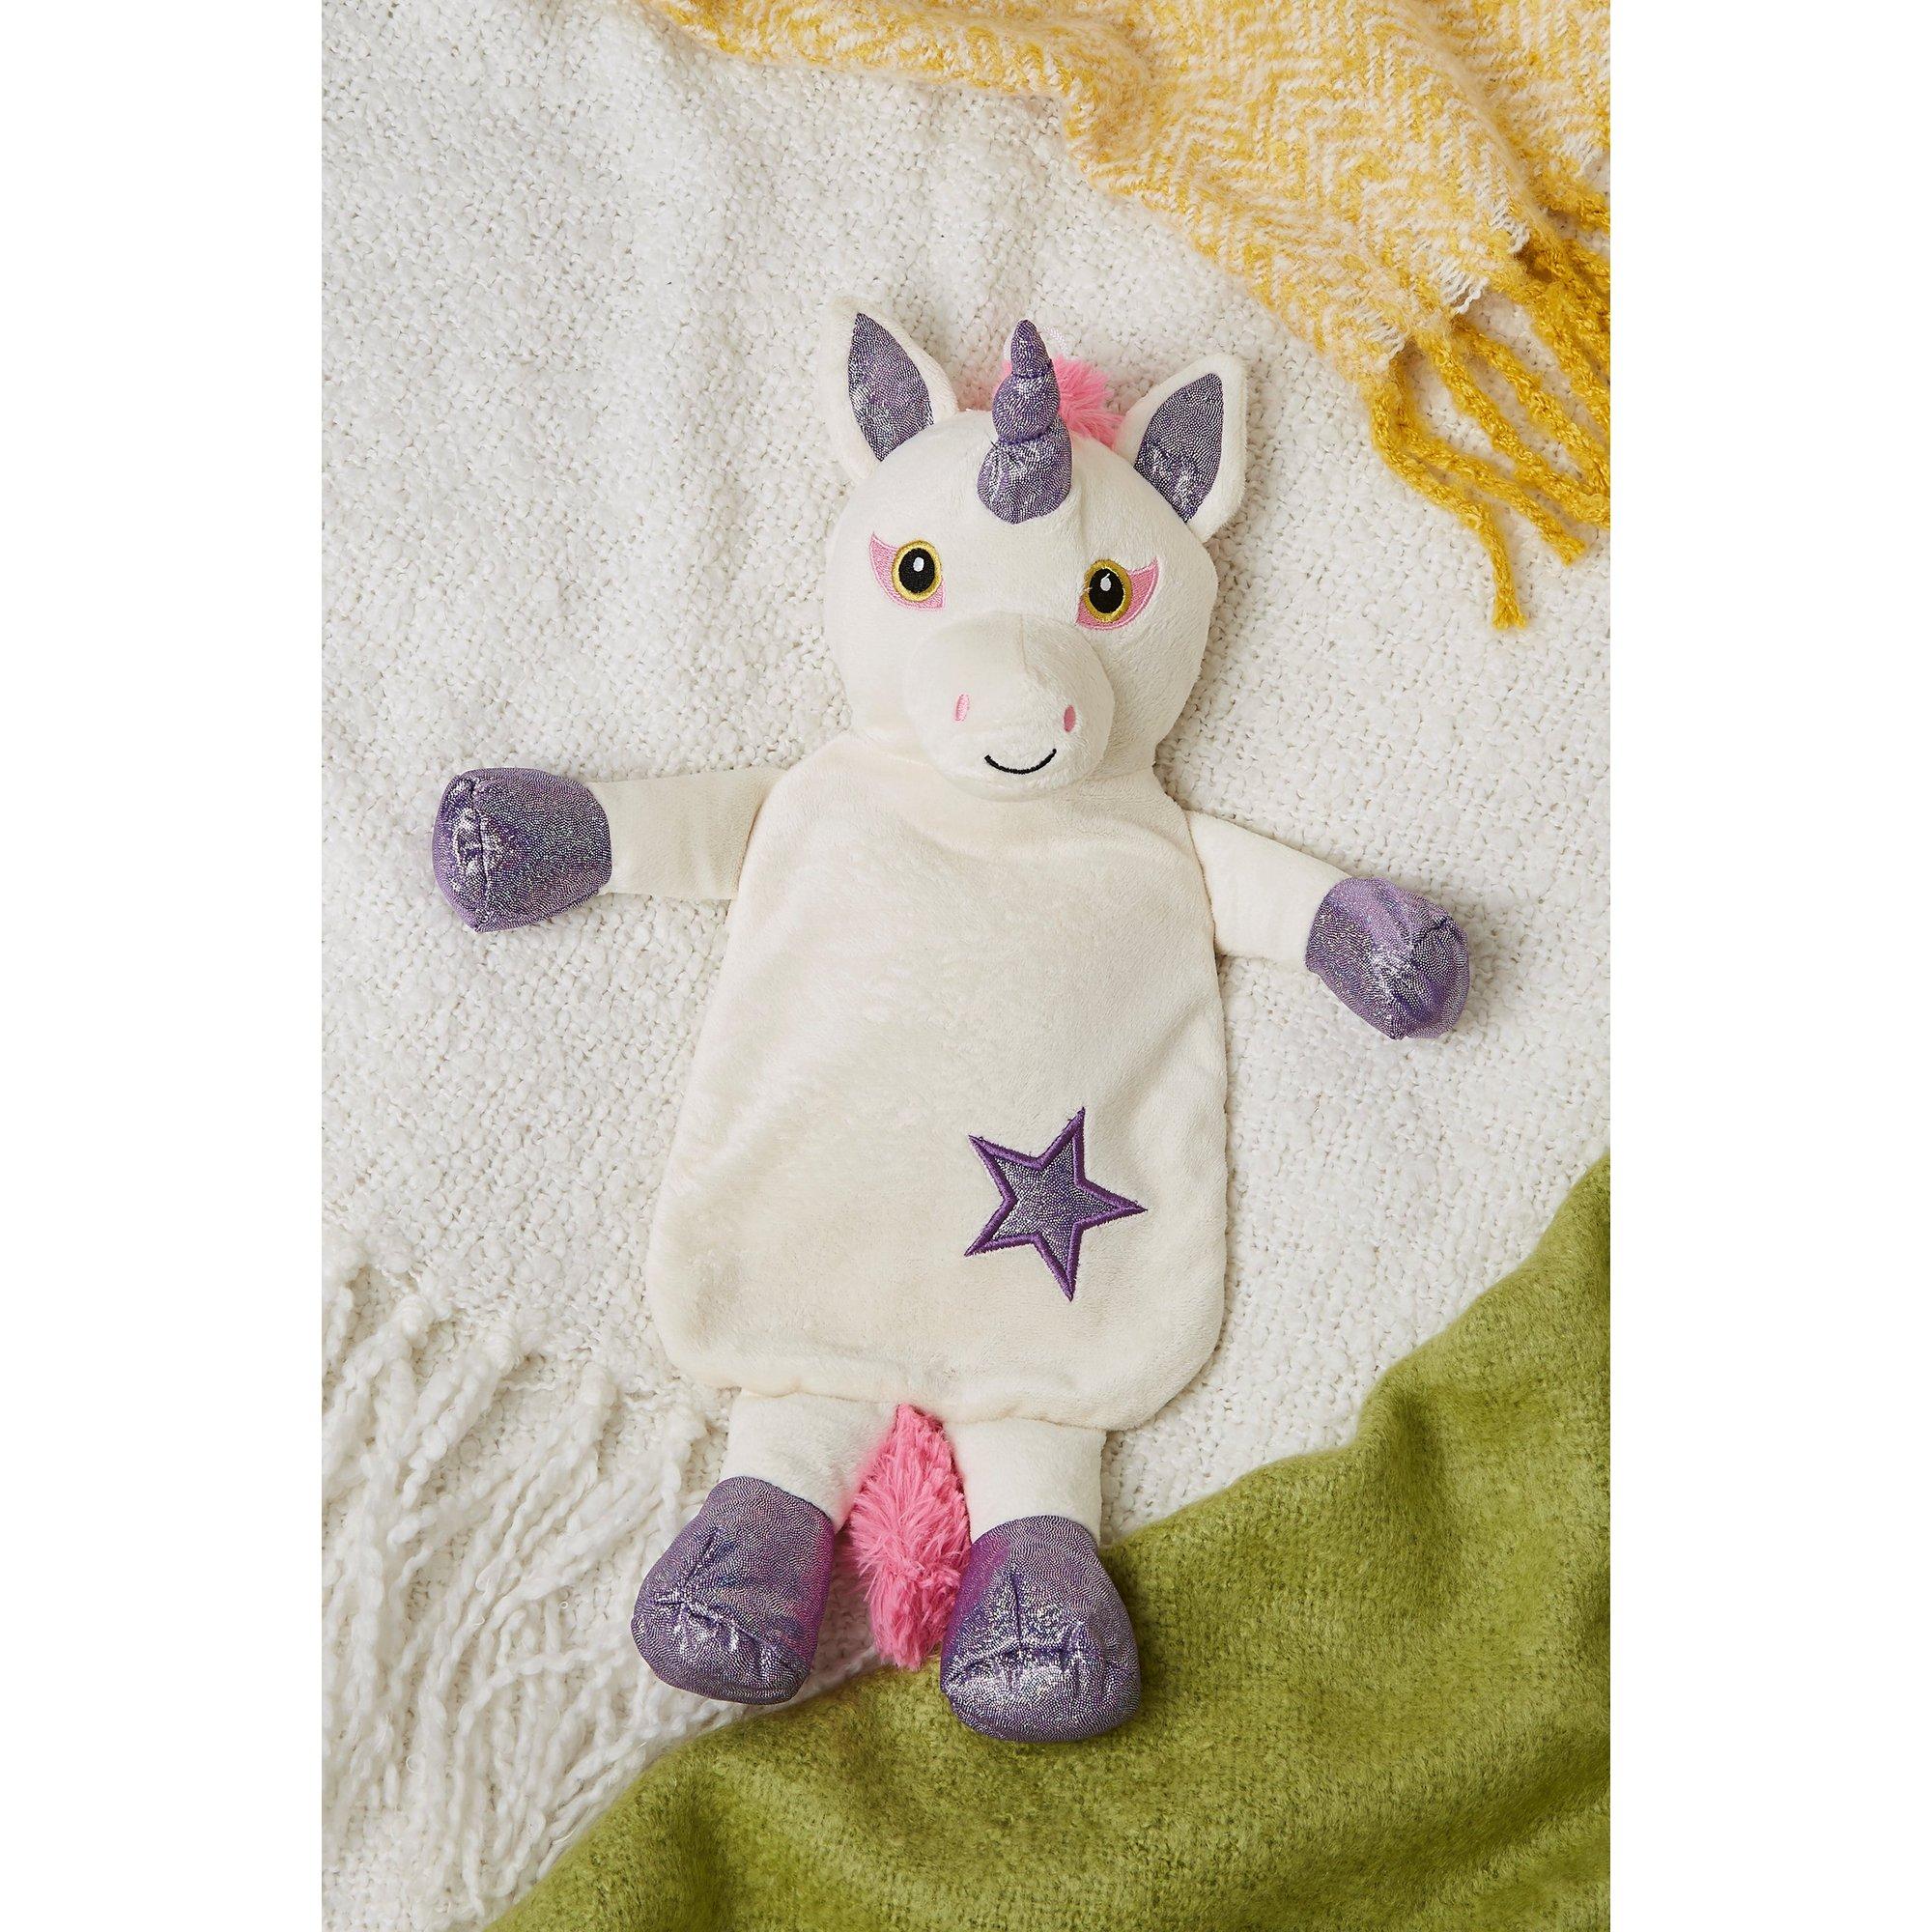 Image of Novelty Hot Water Bottle Unicorn Lilac